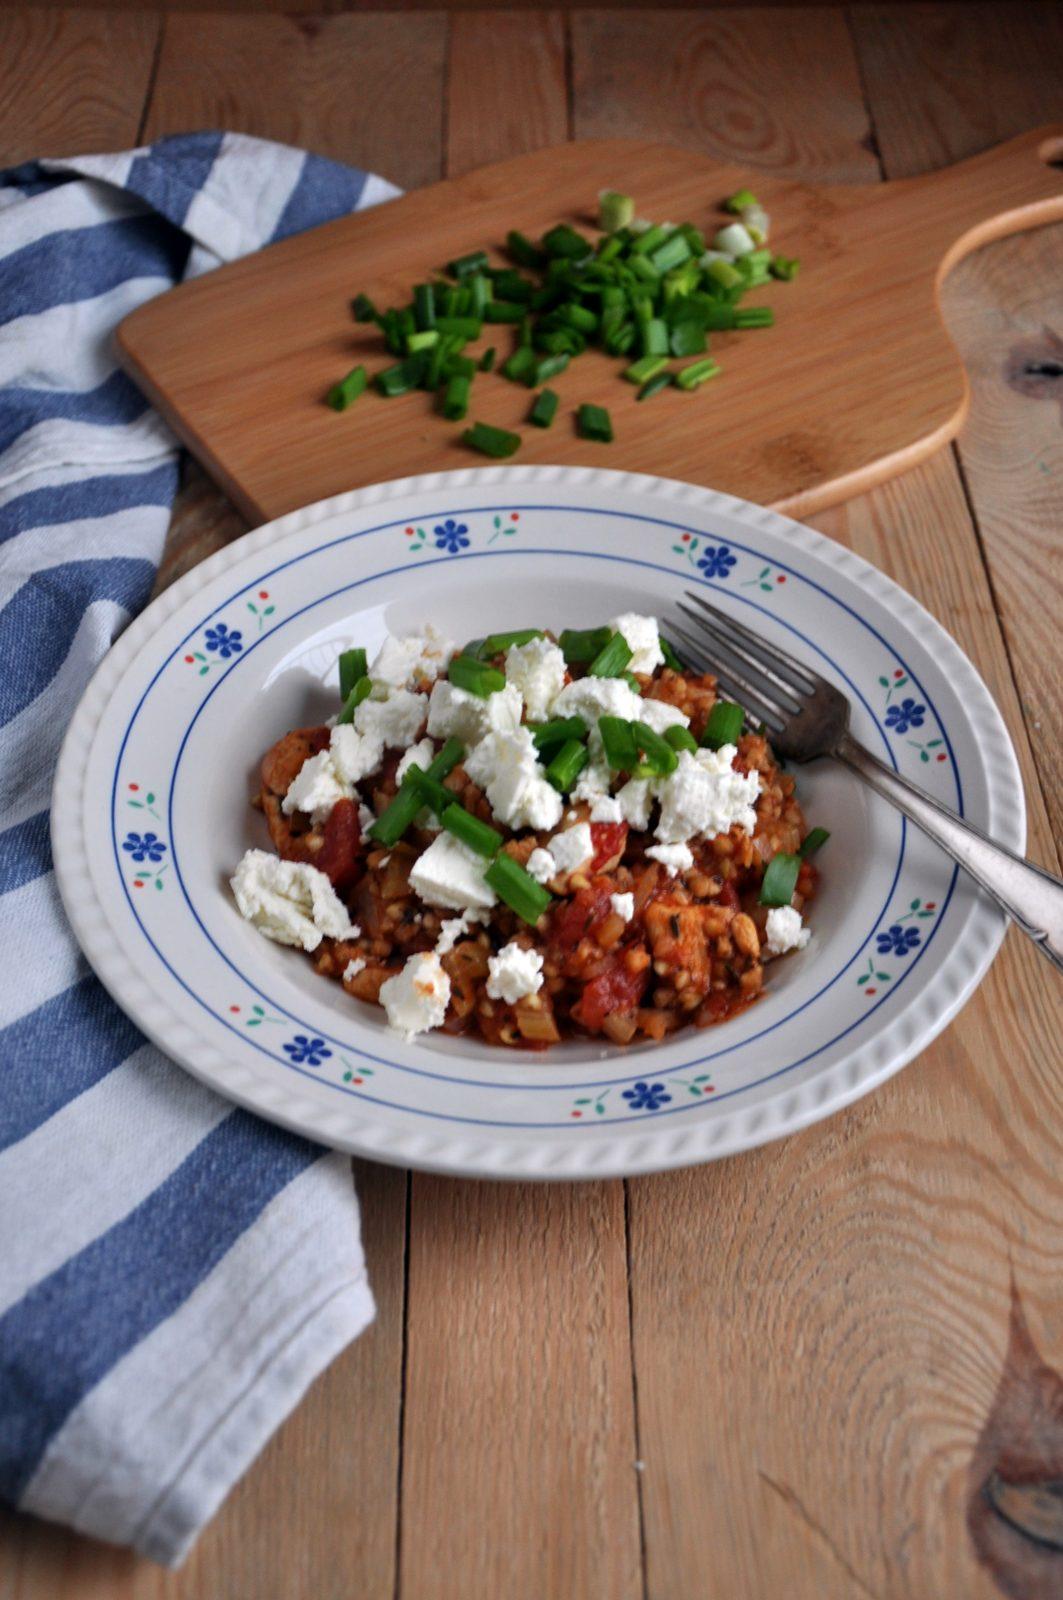 Kaszotto z białej kaszy gryczanej z pomidorami, kurczakiem, selerem naciowym i fetą